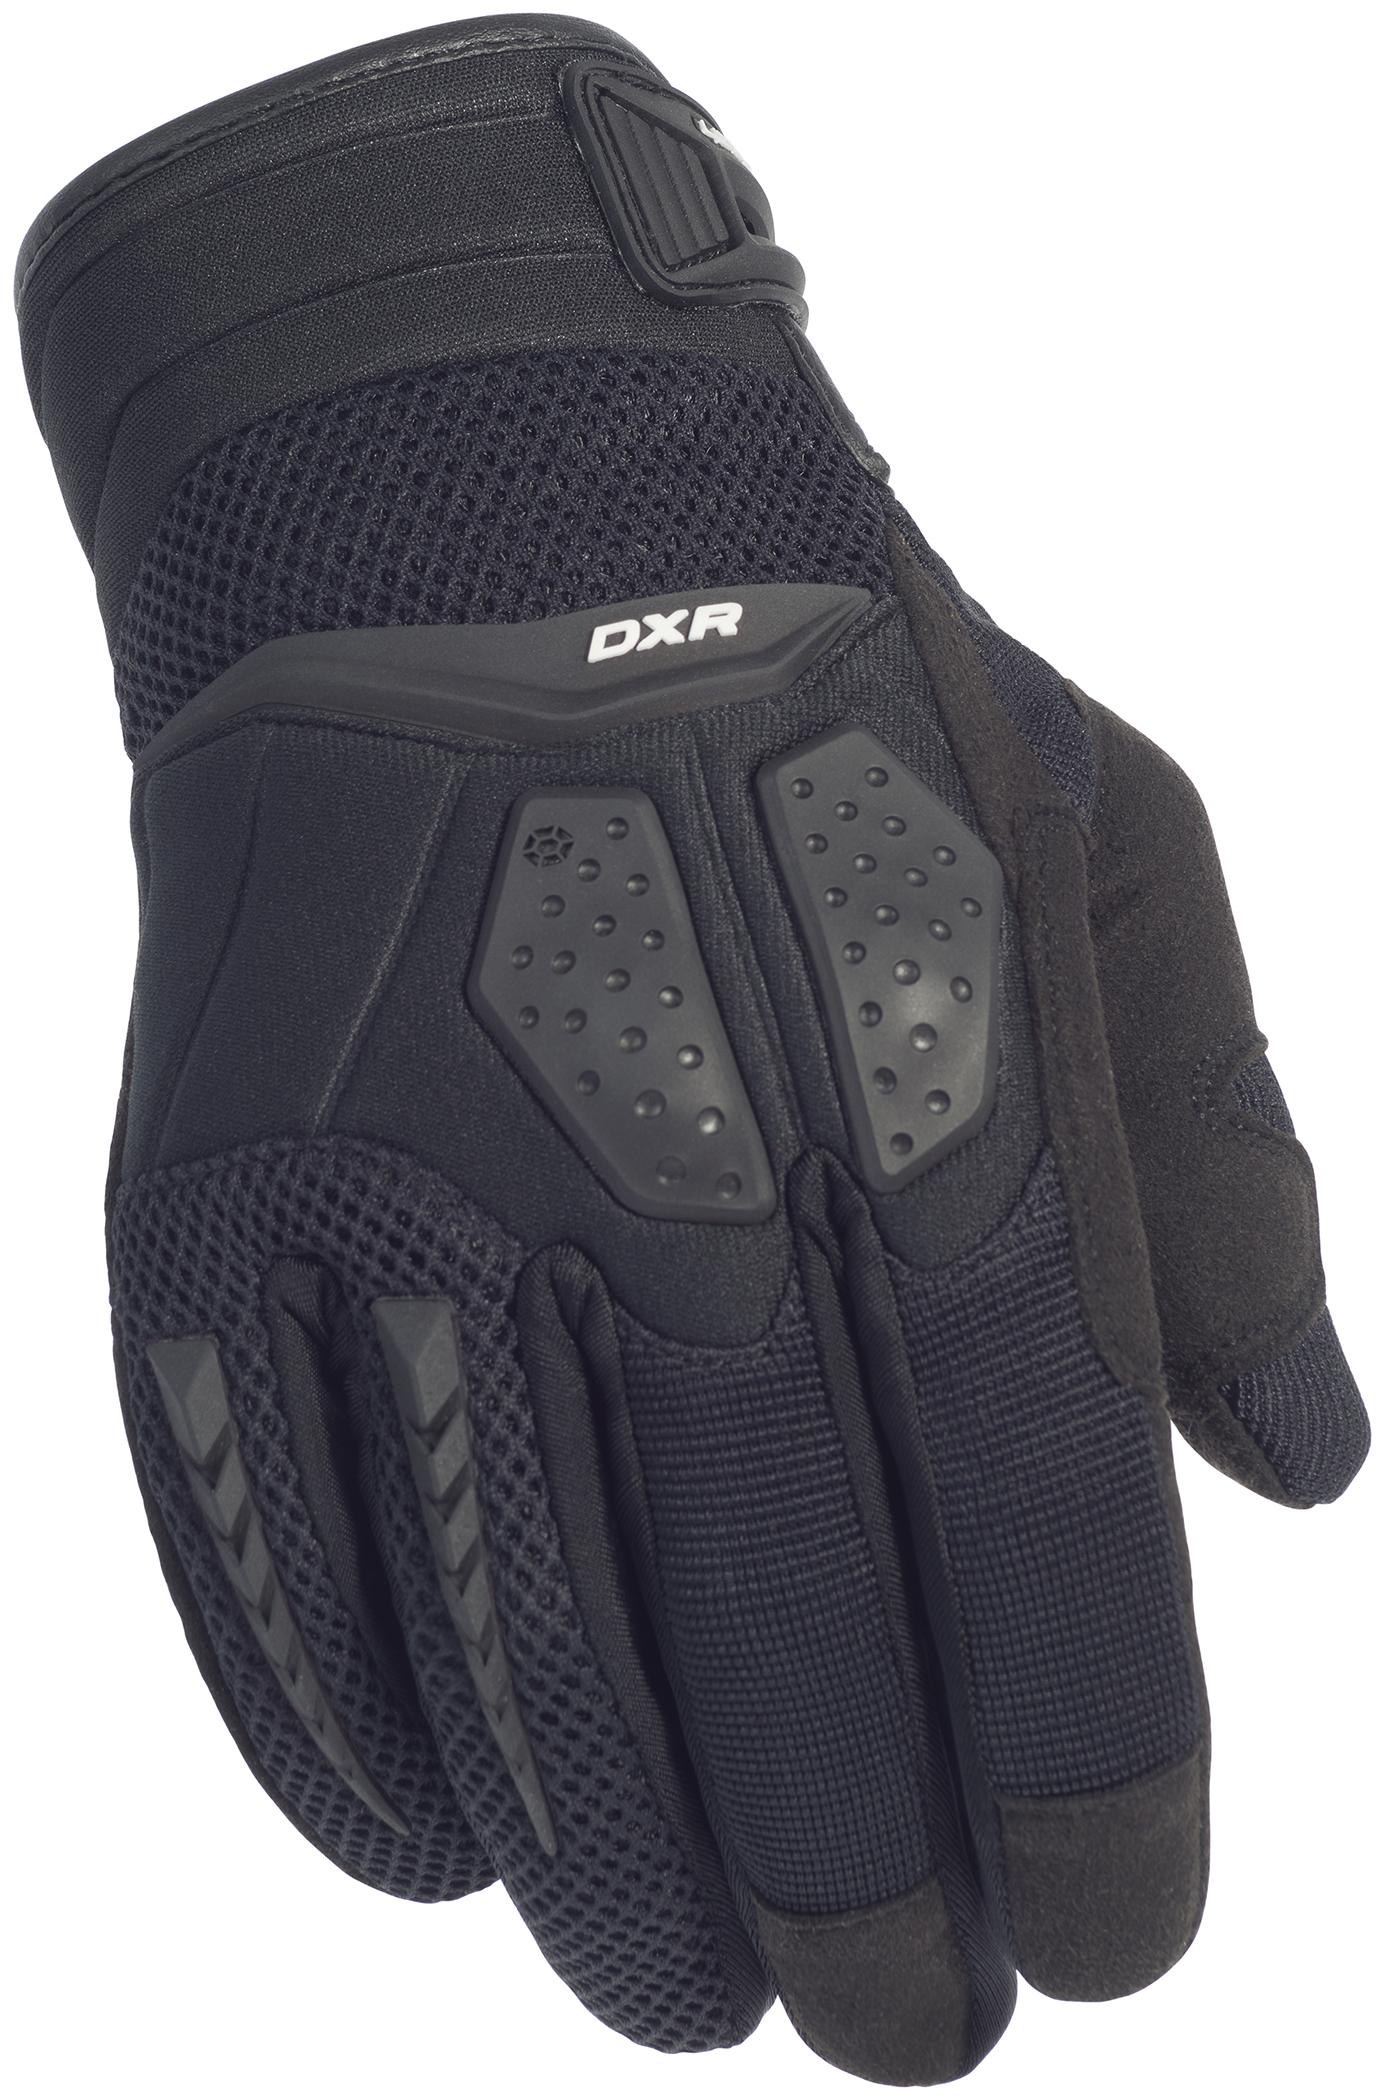 Cortech DXR Gloves